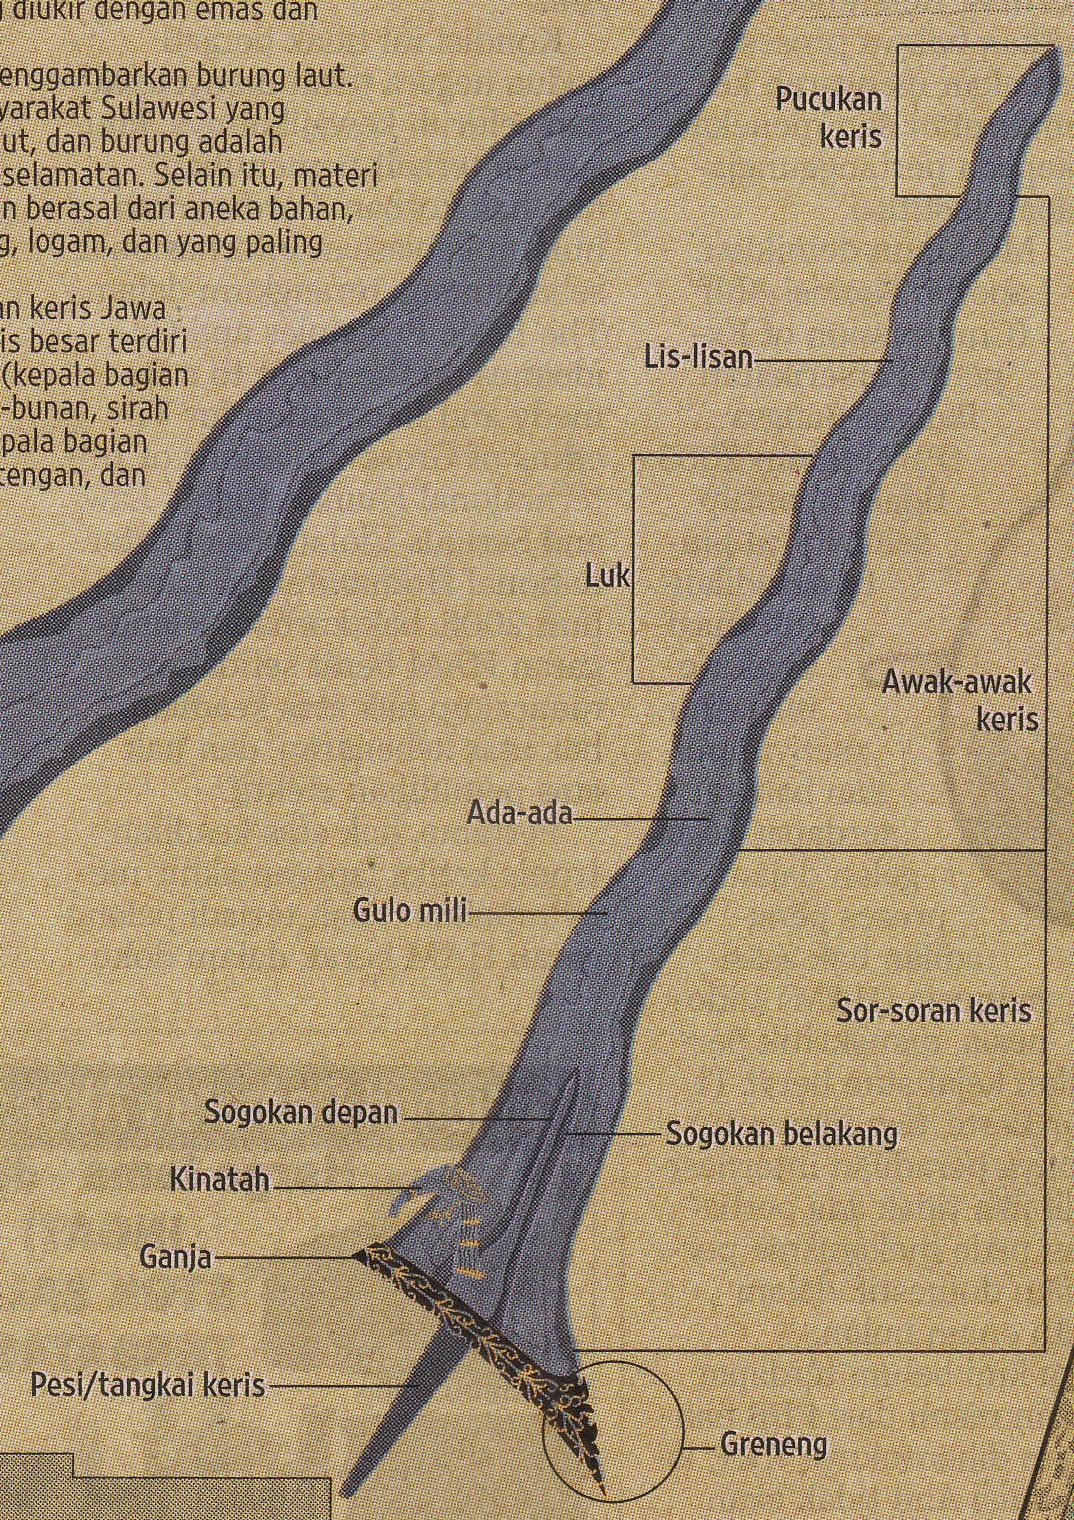 Ensiklopedia Keris Pdf